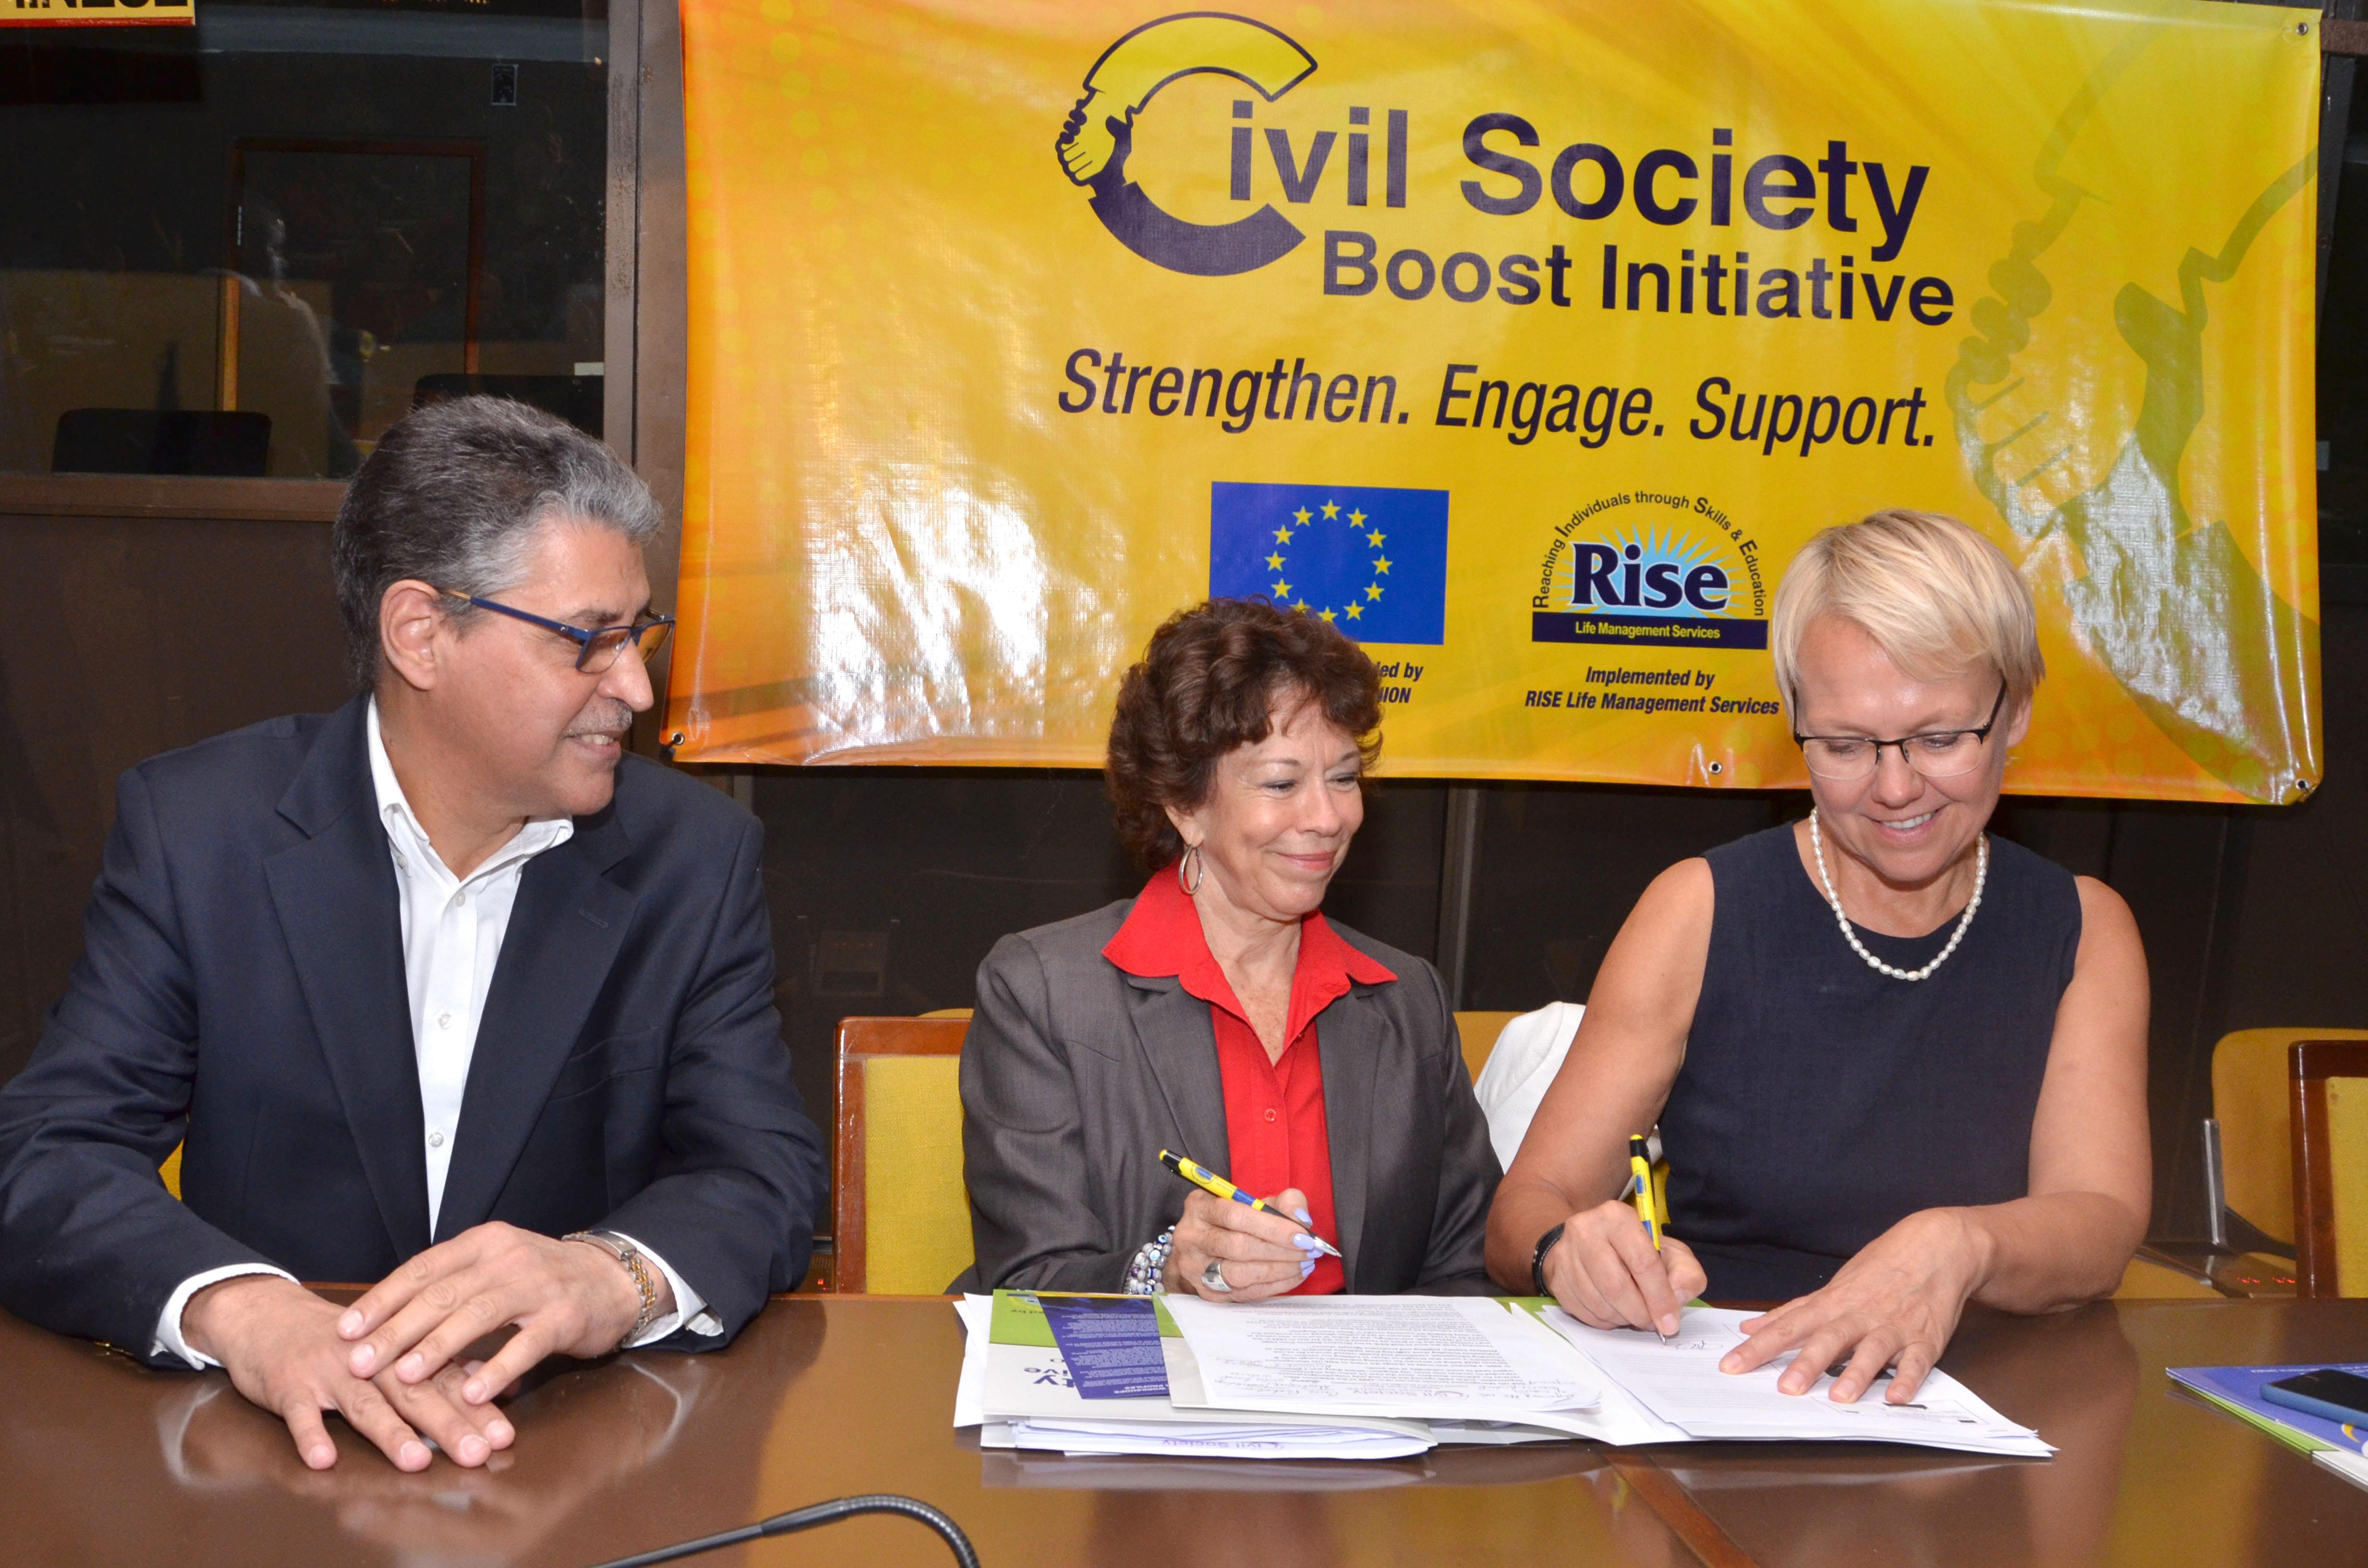 Signs of civil society